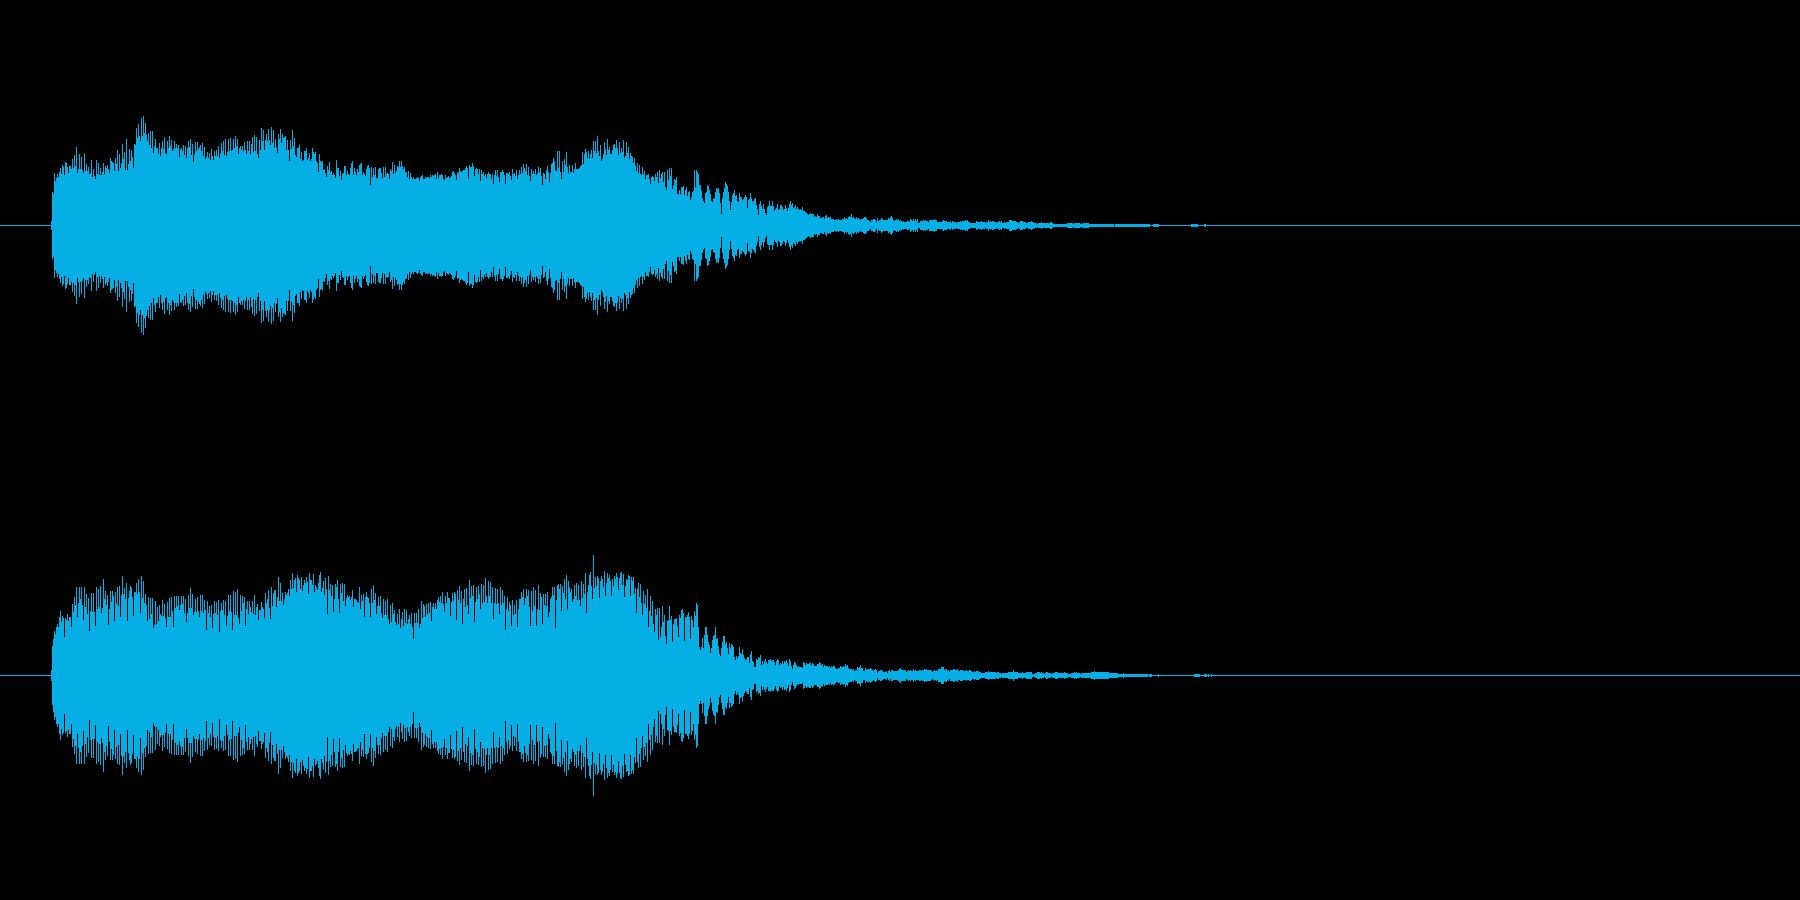 「ガァ〜〜!」カラスやカモの鳴き声の擬音の再生済みの波形